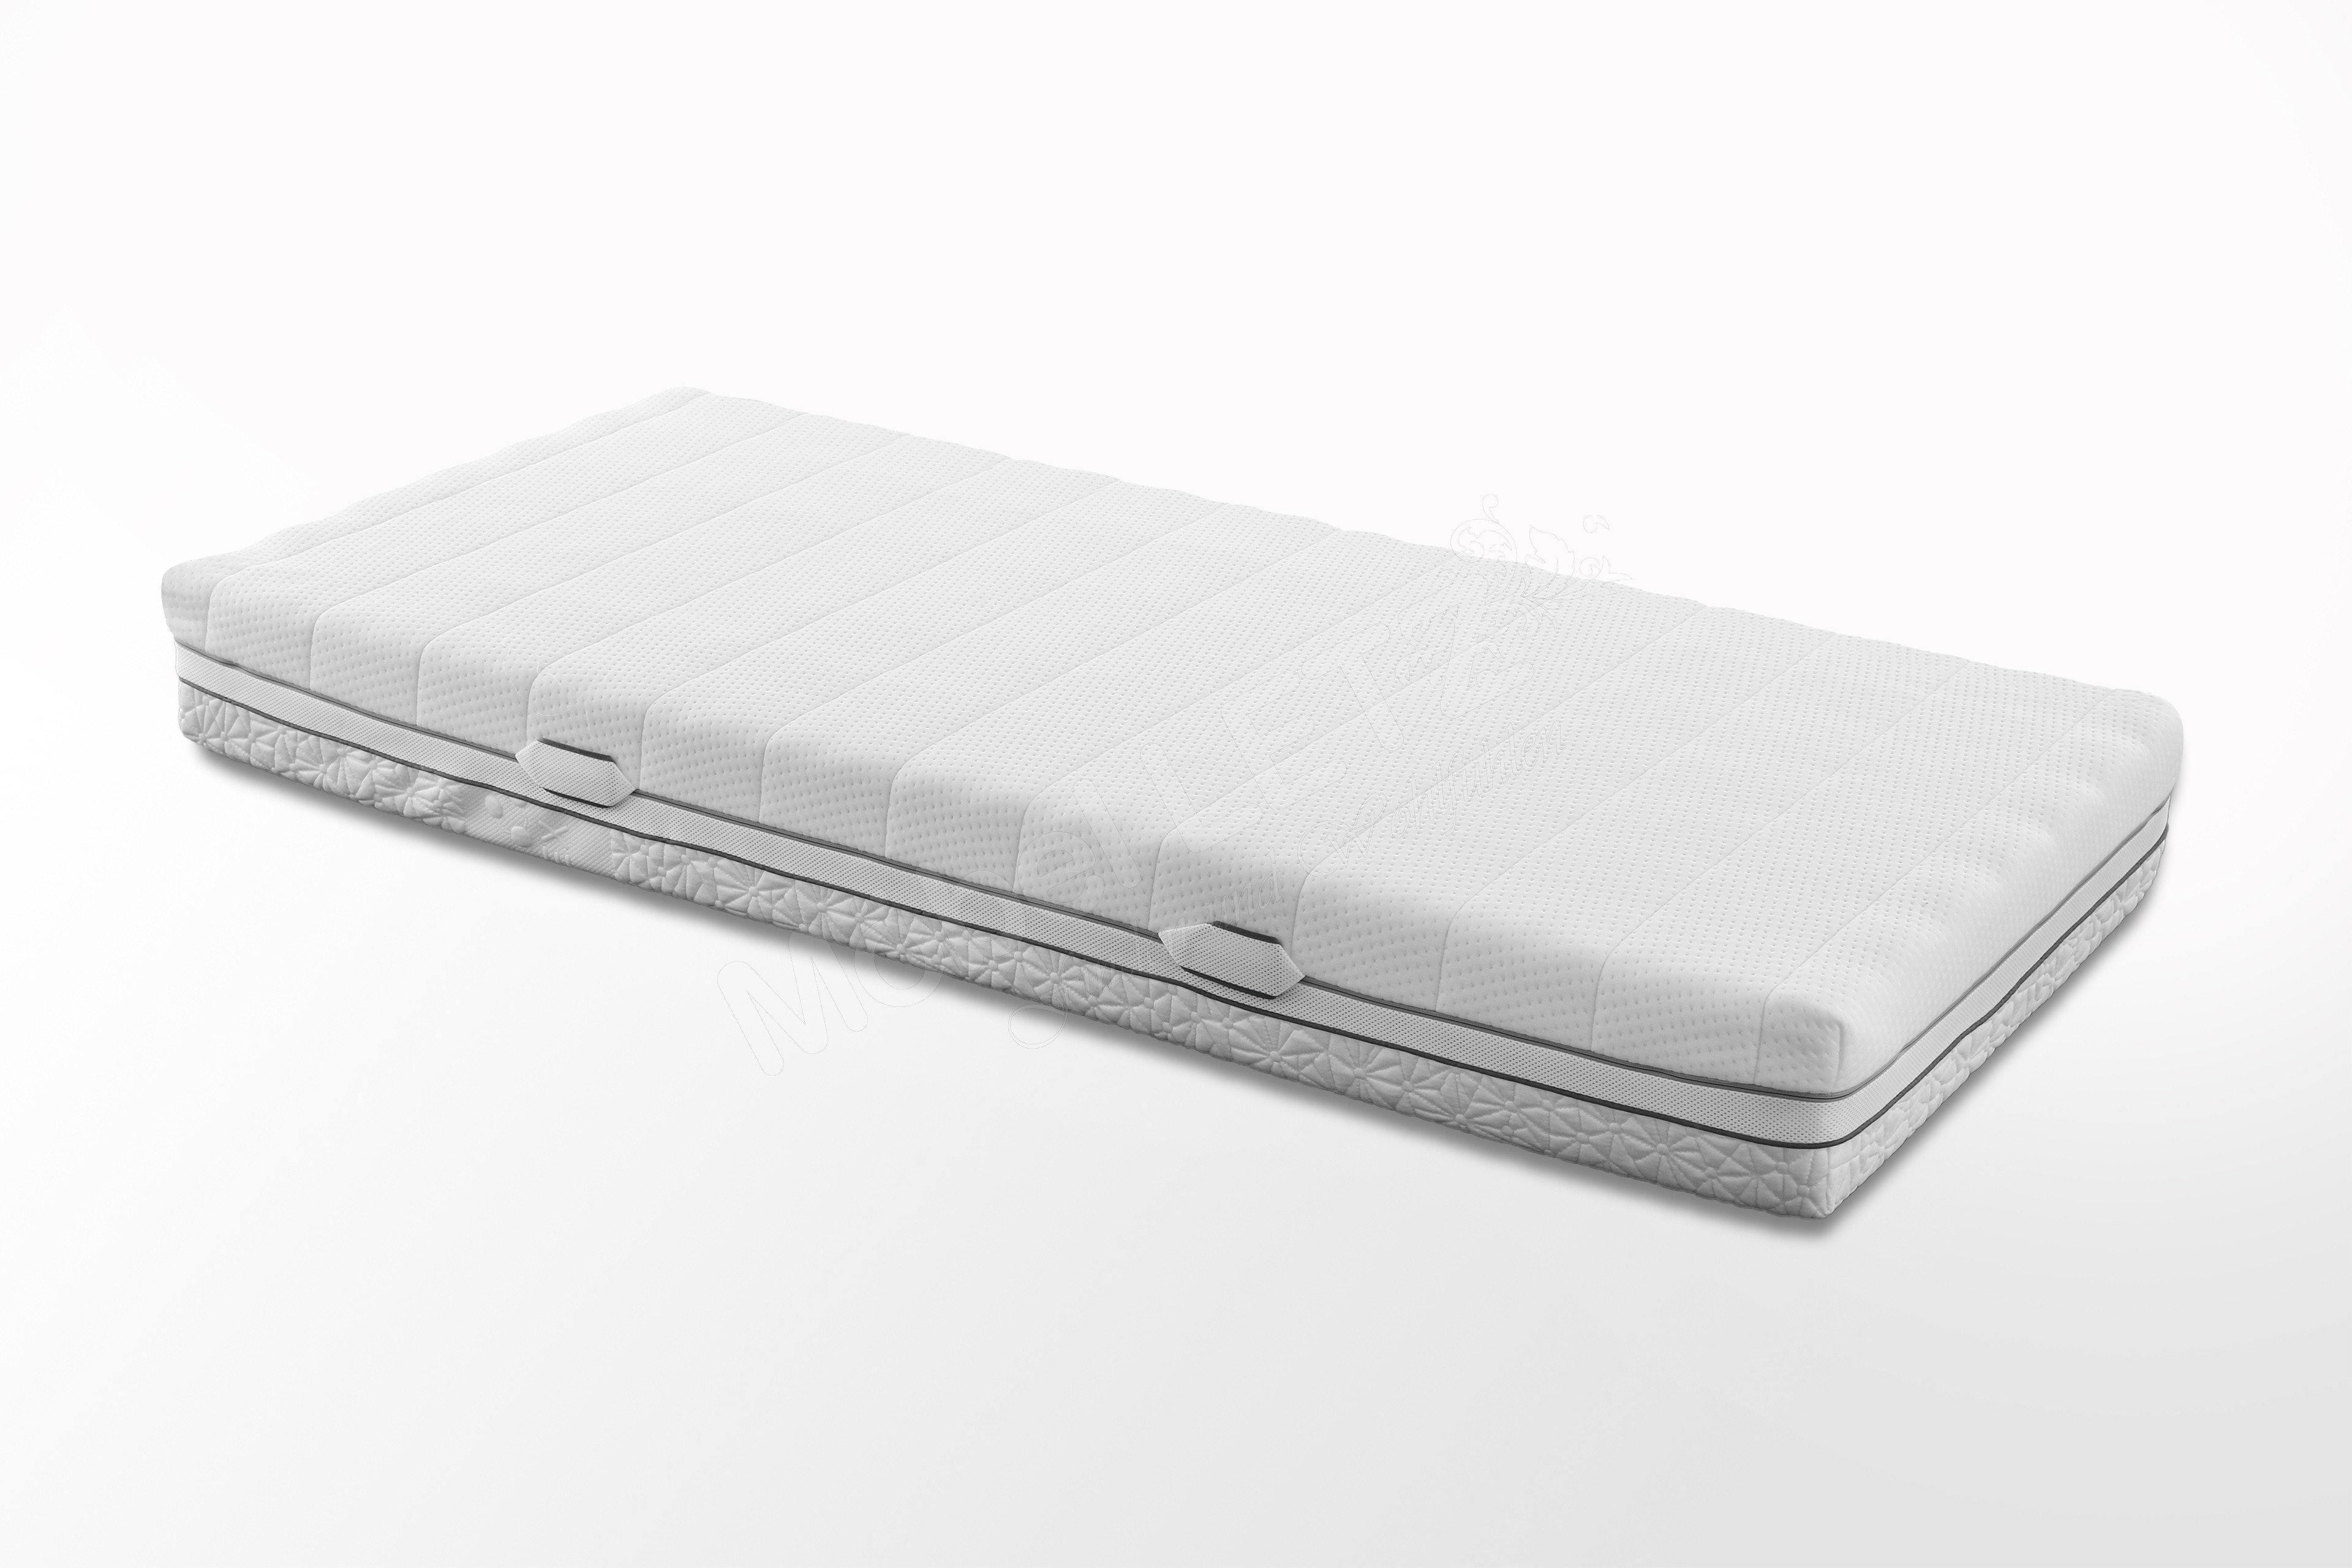 schlaraffia matratzen geltex. Black Bedroom Furniture Sets. Home Design Ideas